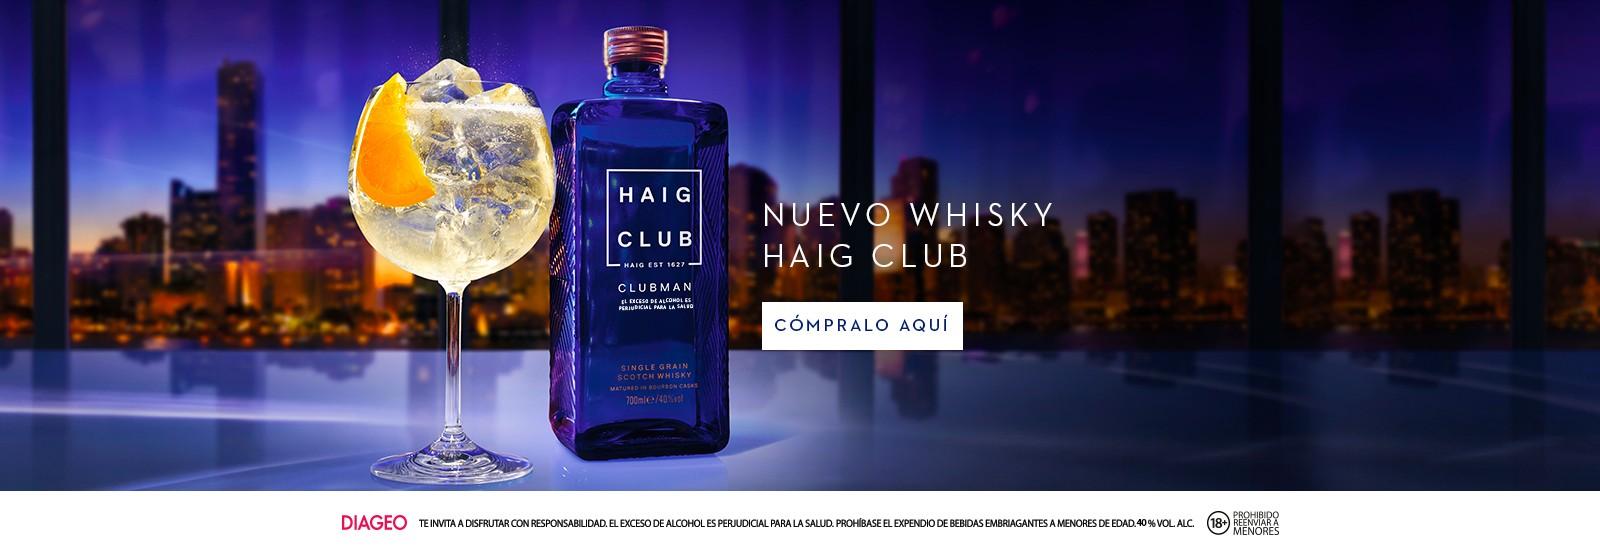 HAIG CLUB 700 ml